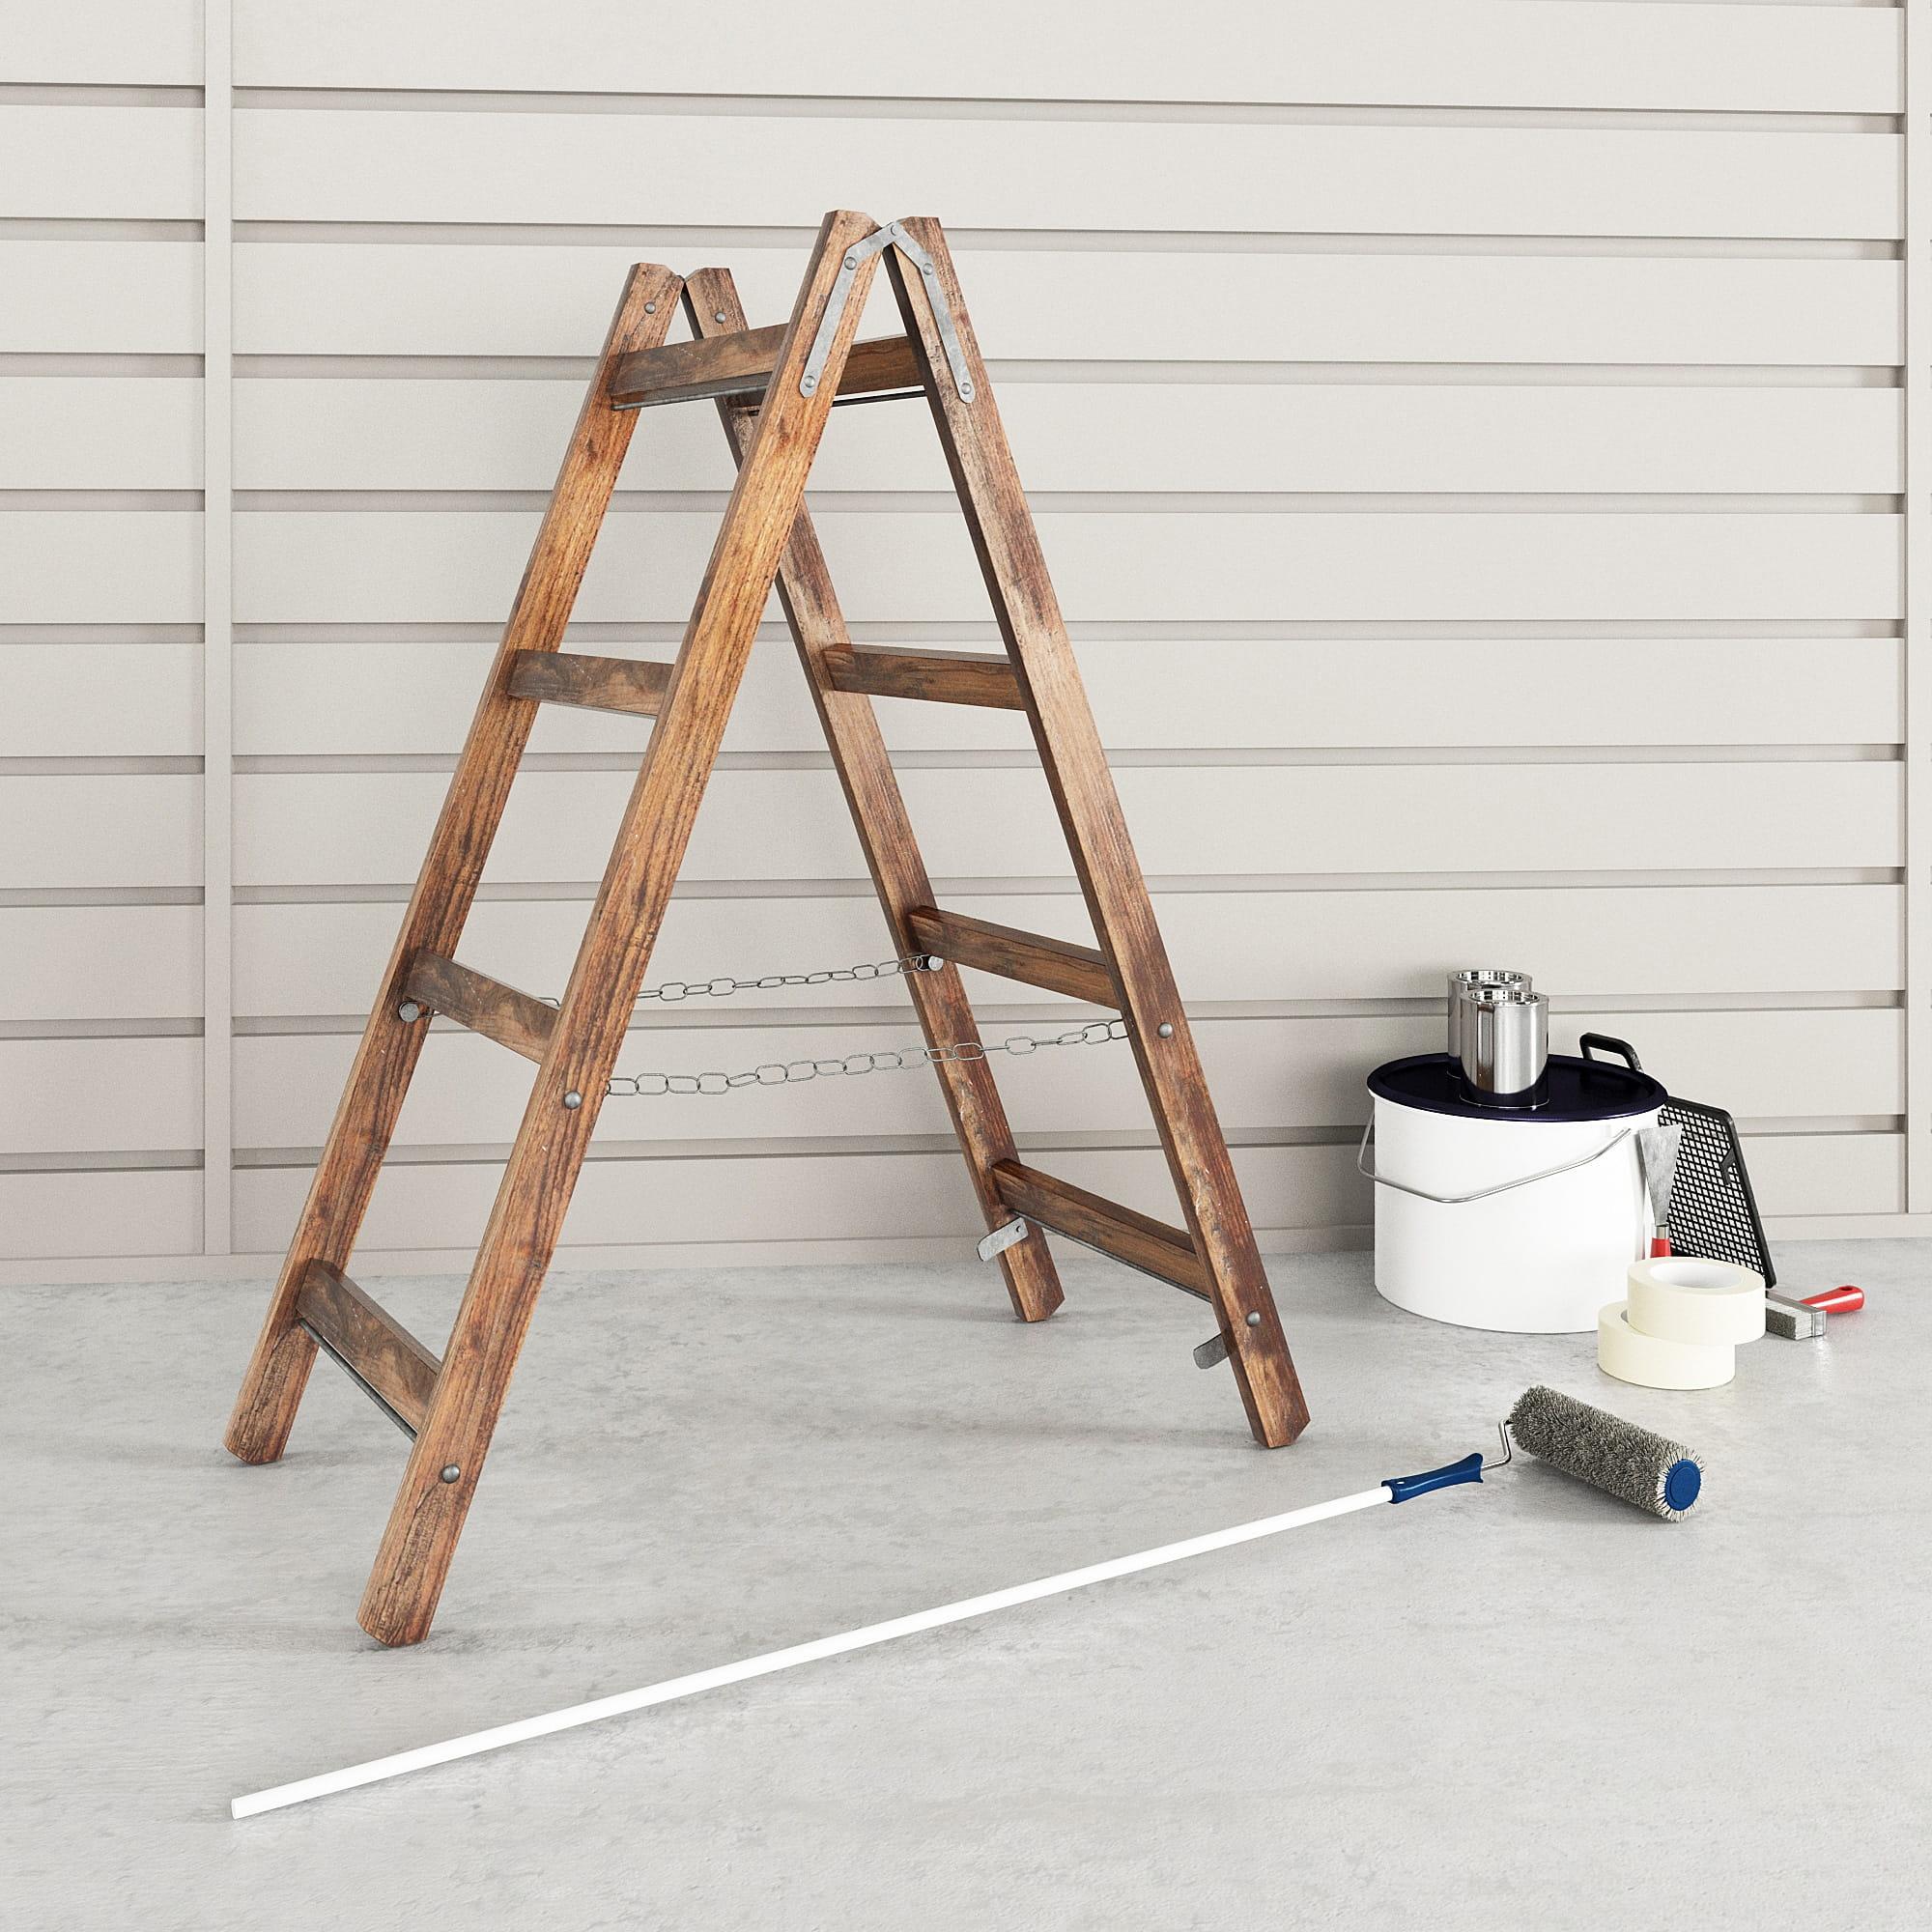 garage equipment 7 AM222 Archmodels